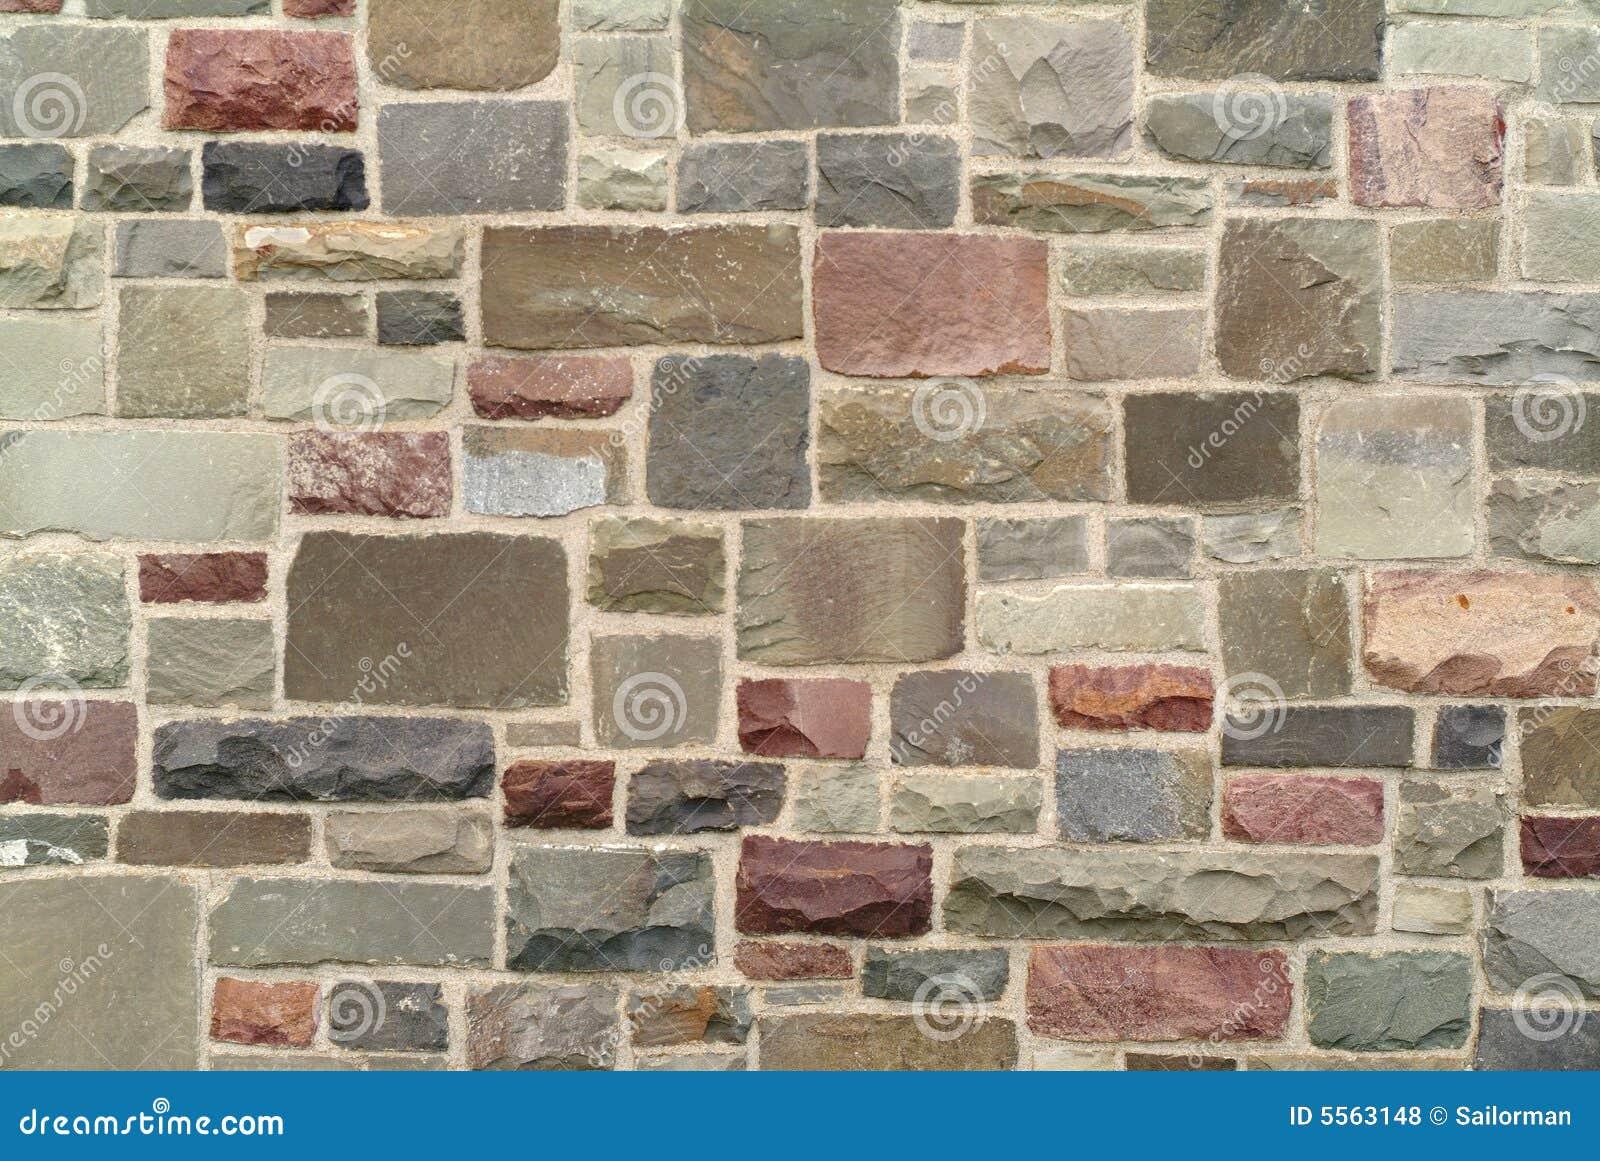 modelo de la pared de piedra fotos de archivo libres de